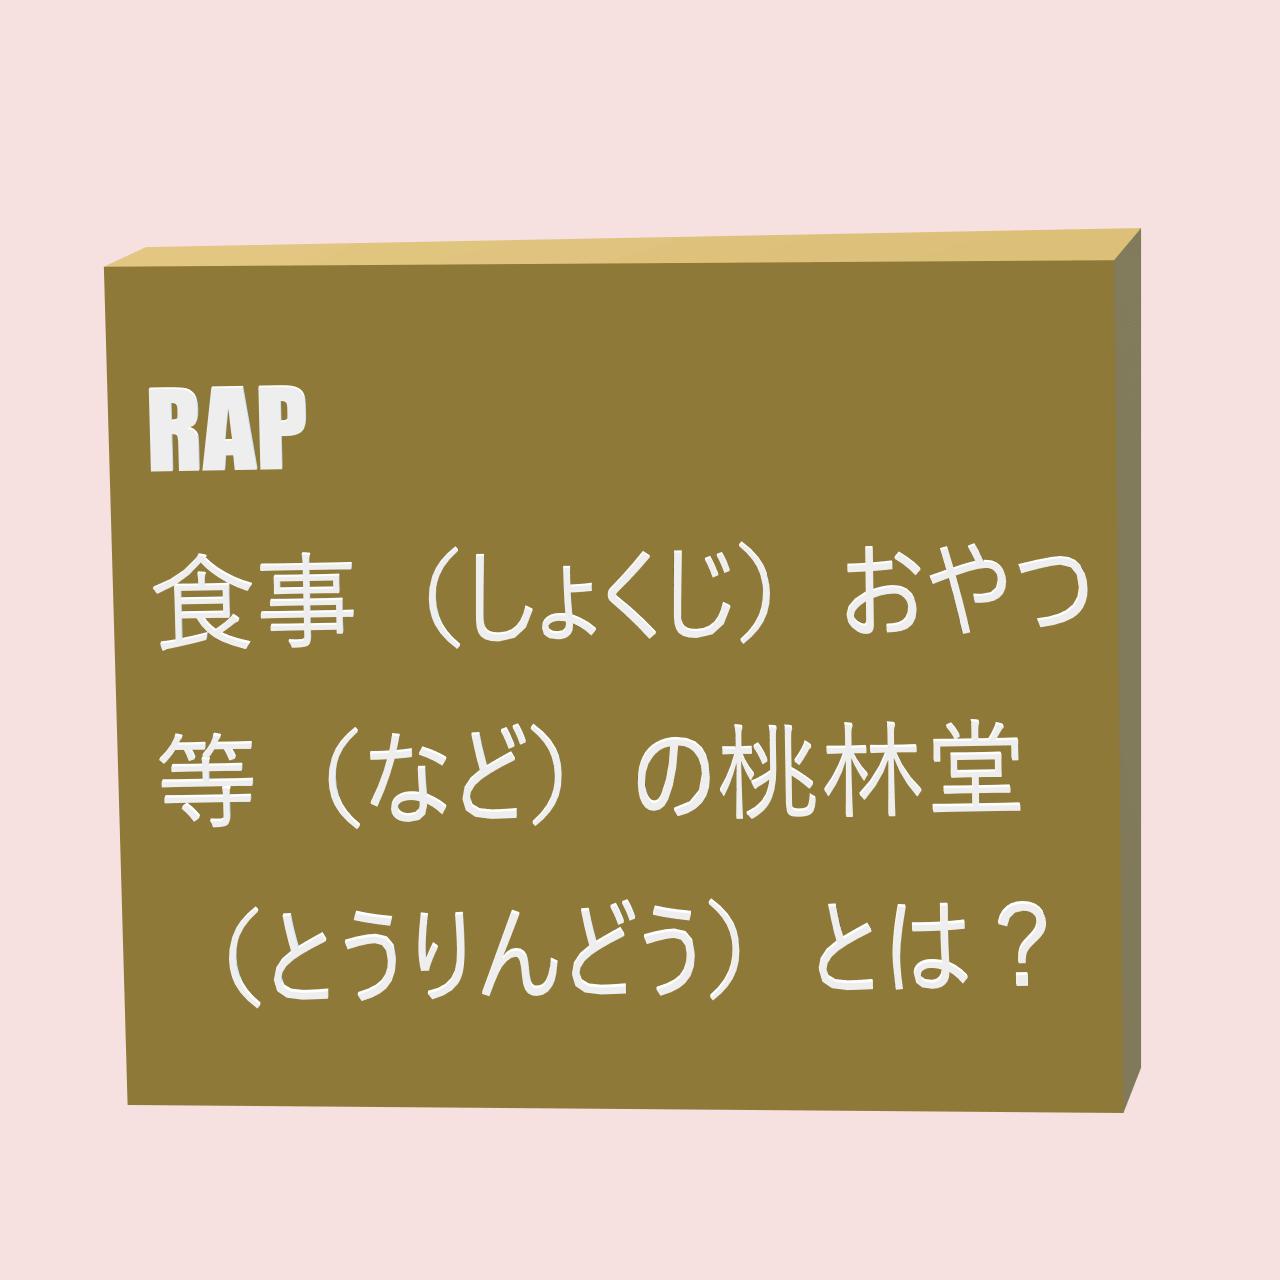 RAP食事(しょくじ)おやつ等(など)の桃林堂(とうりんどう)とは?にかかる画像